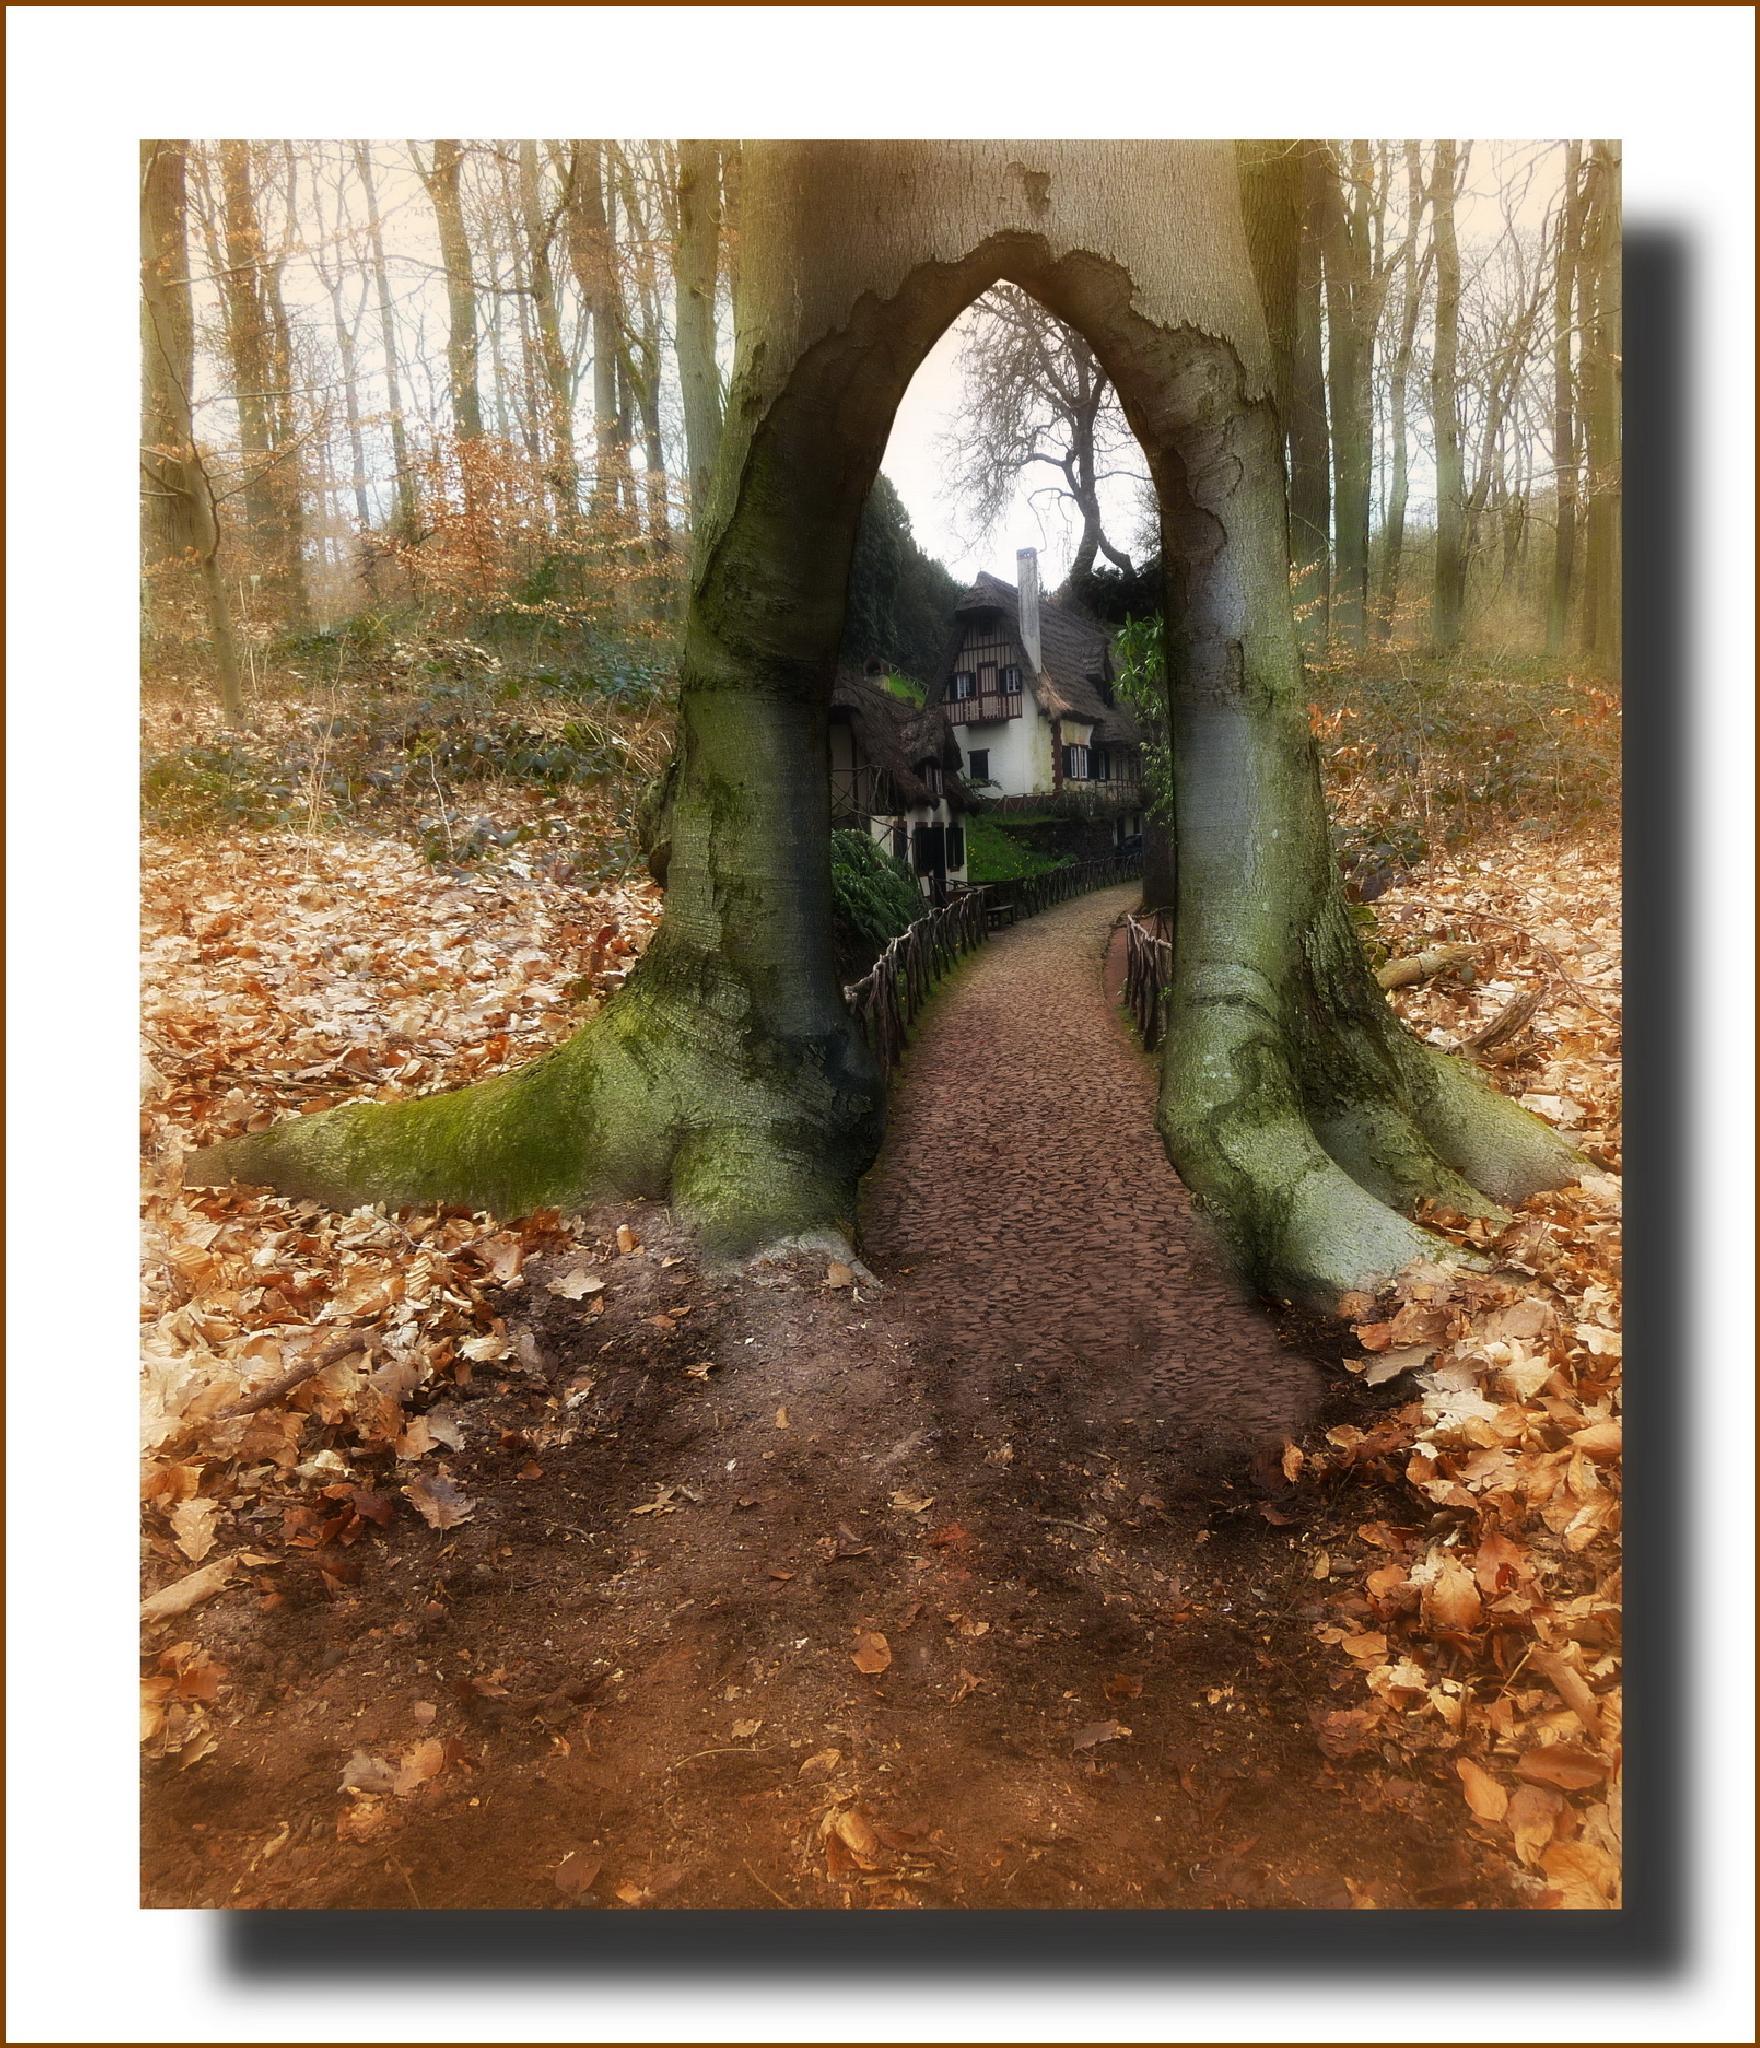 Door to another world by MonikaH